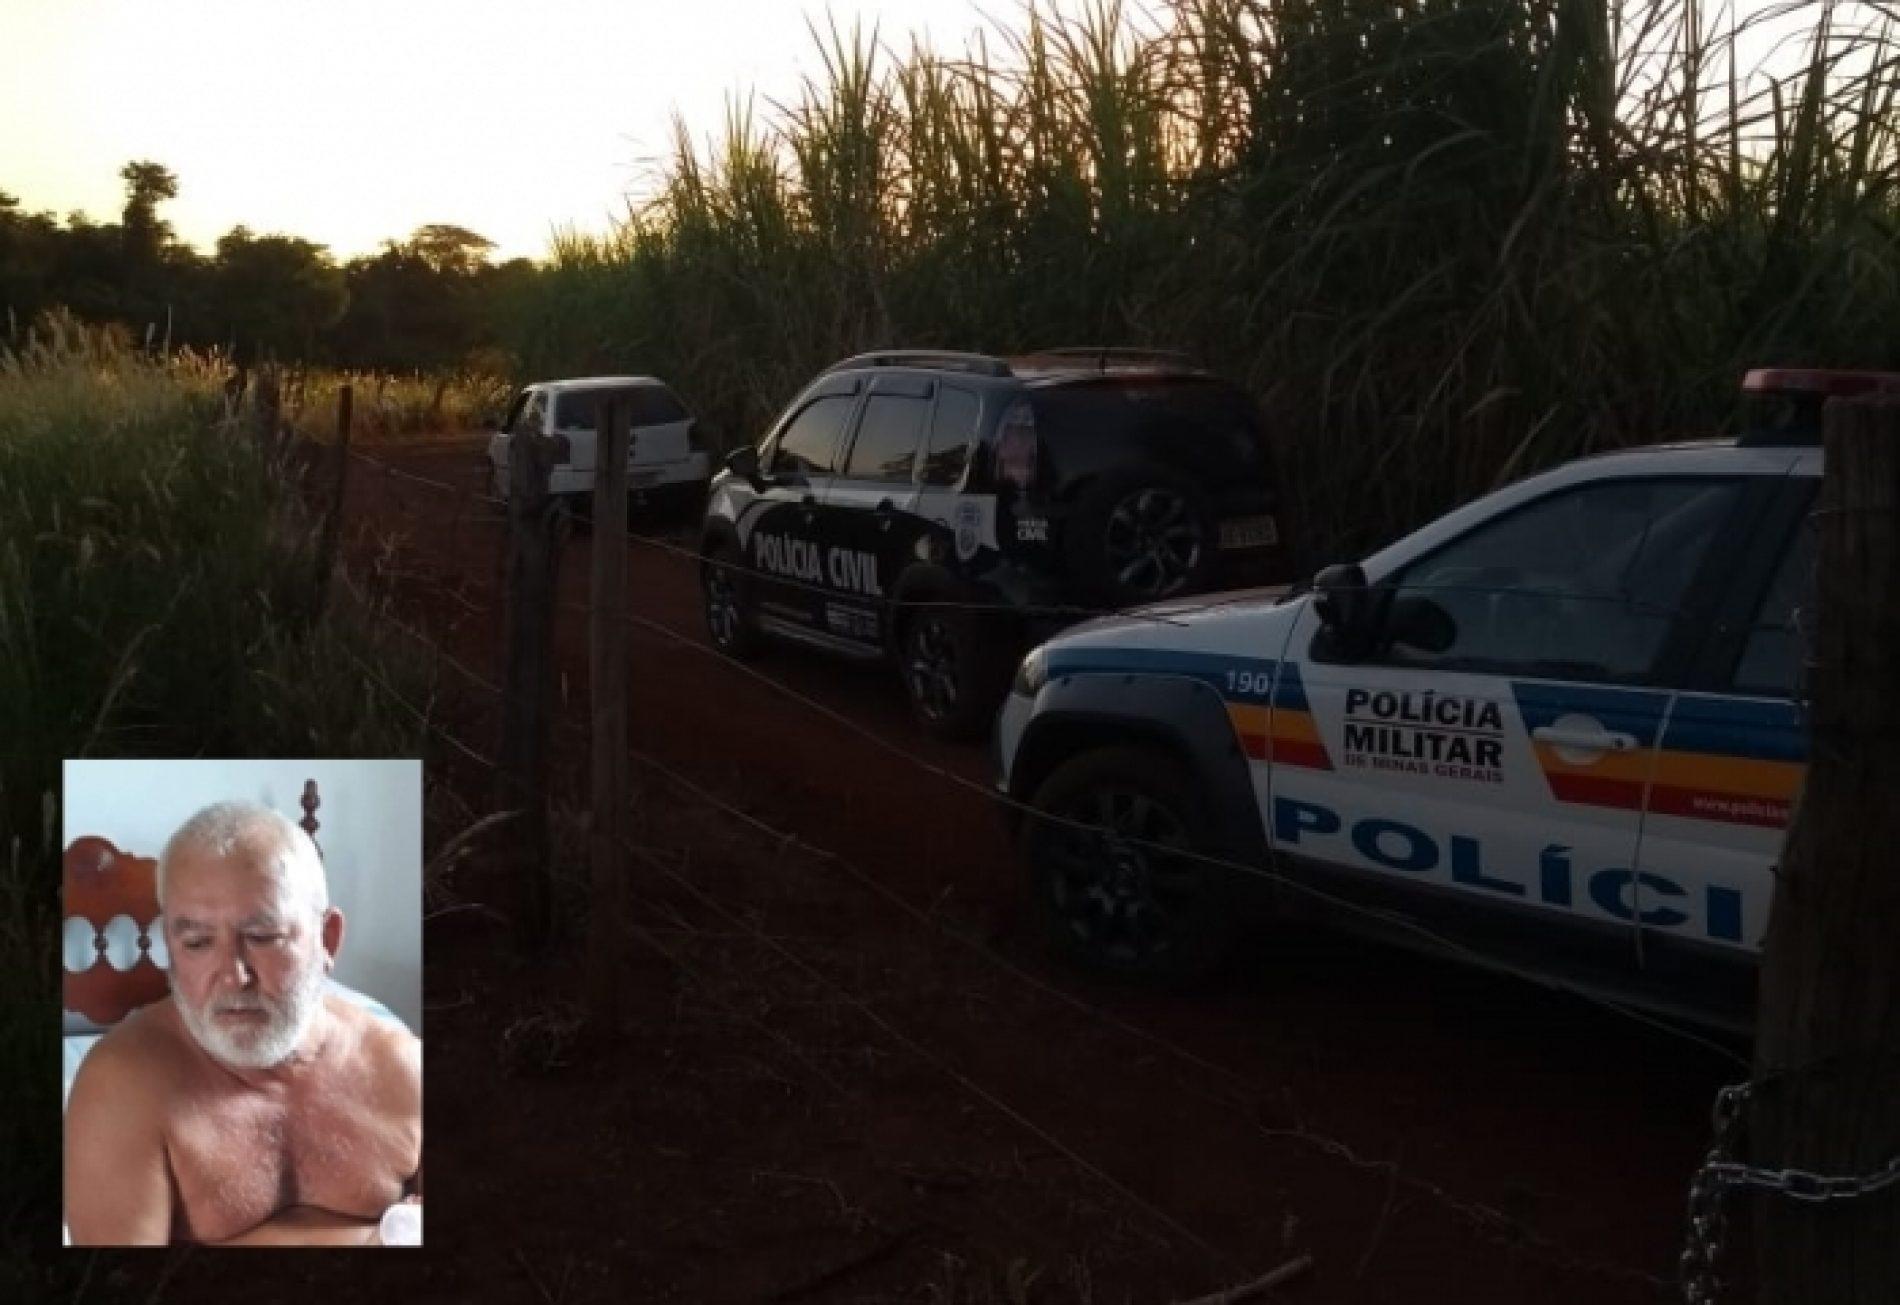 COLÔMBIA: Corpo de idoso é encontrado com perfurações no Rio Grande